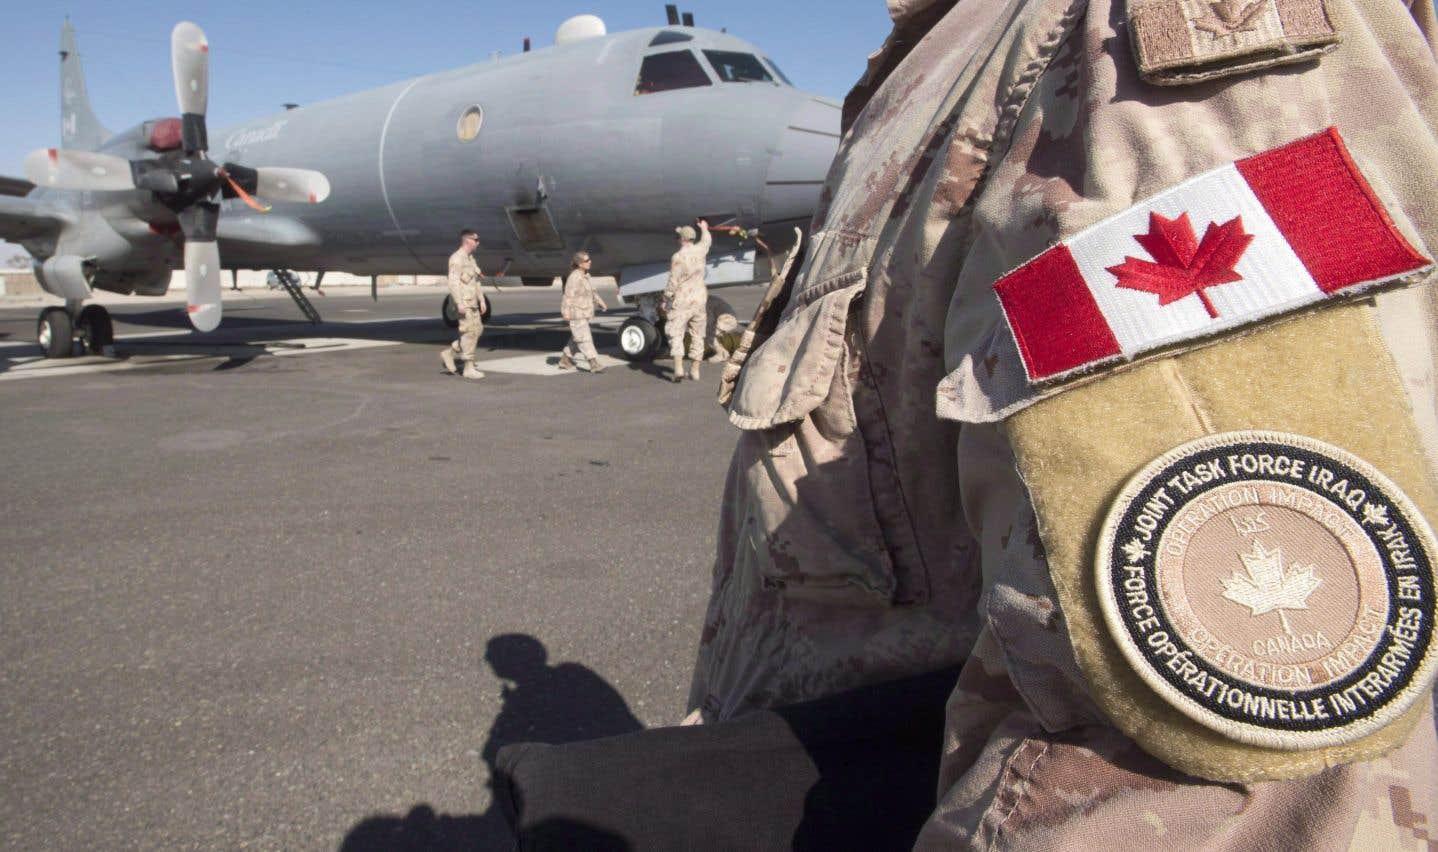 Des responsables de l'armée canadienne avaient annoncé, au printemps dernier, leur souhait de passer en revue toutes les plaintes d'agression sexuelle classées non fondées.